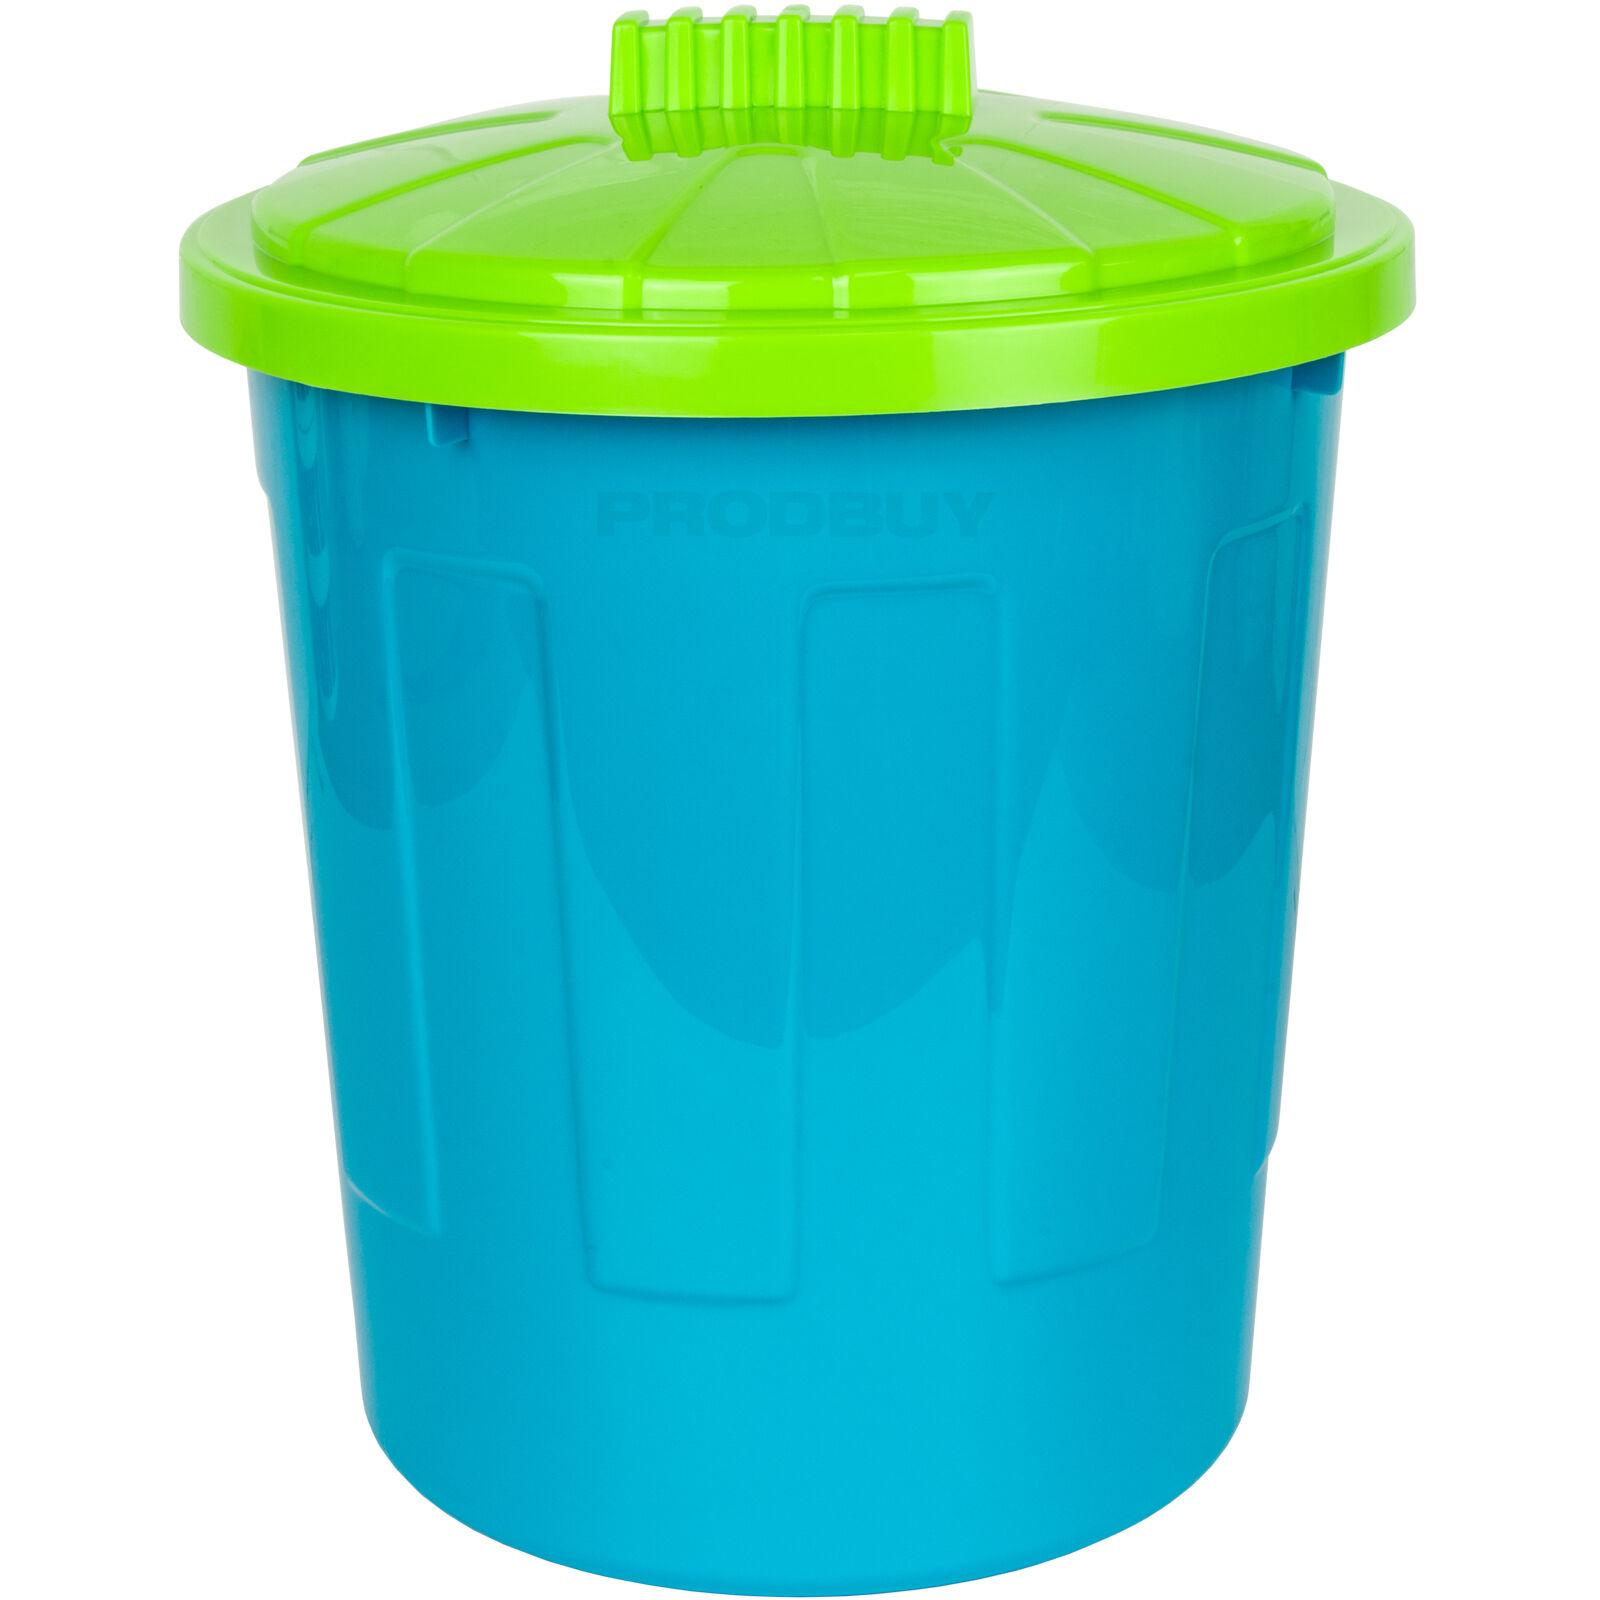 8 Litre Round Blue Purple Waste Paper Basket Rubbish Bin Home ...